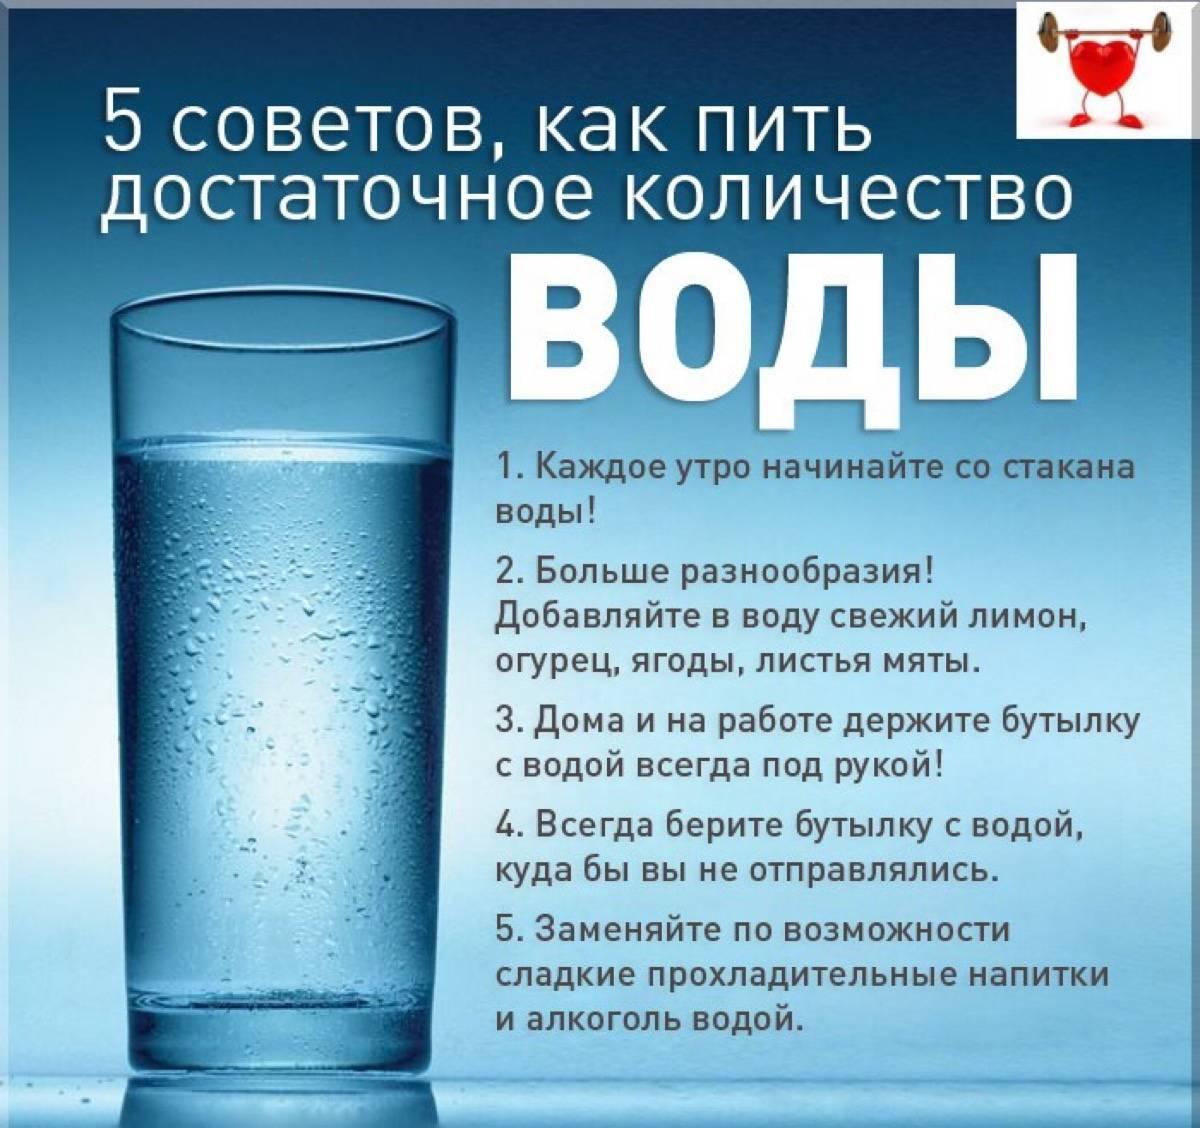 Почему нельзя пить сразу после еды, в том числе воду и чай